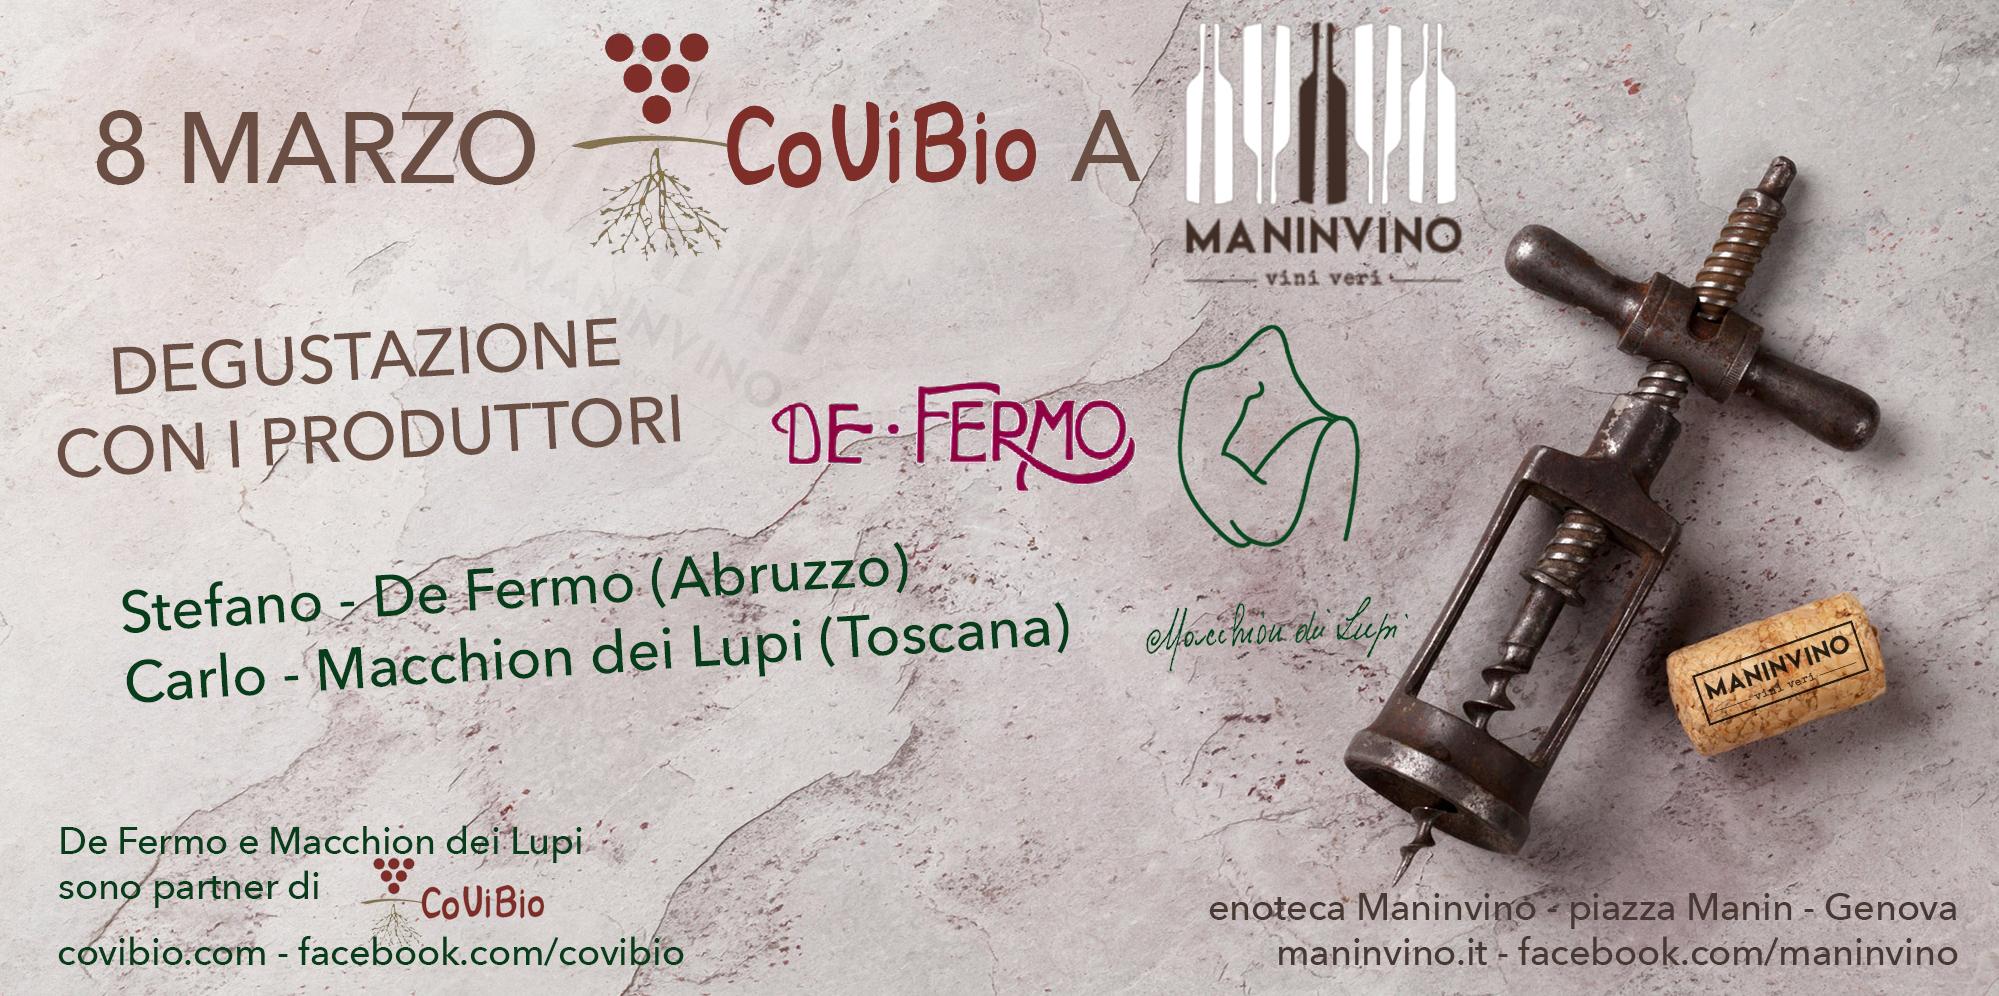 Covibio in tour: Maninvino – marzo 2018